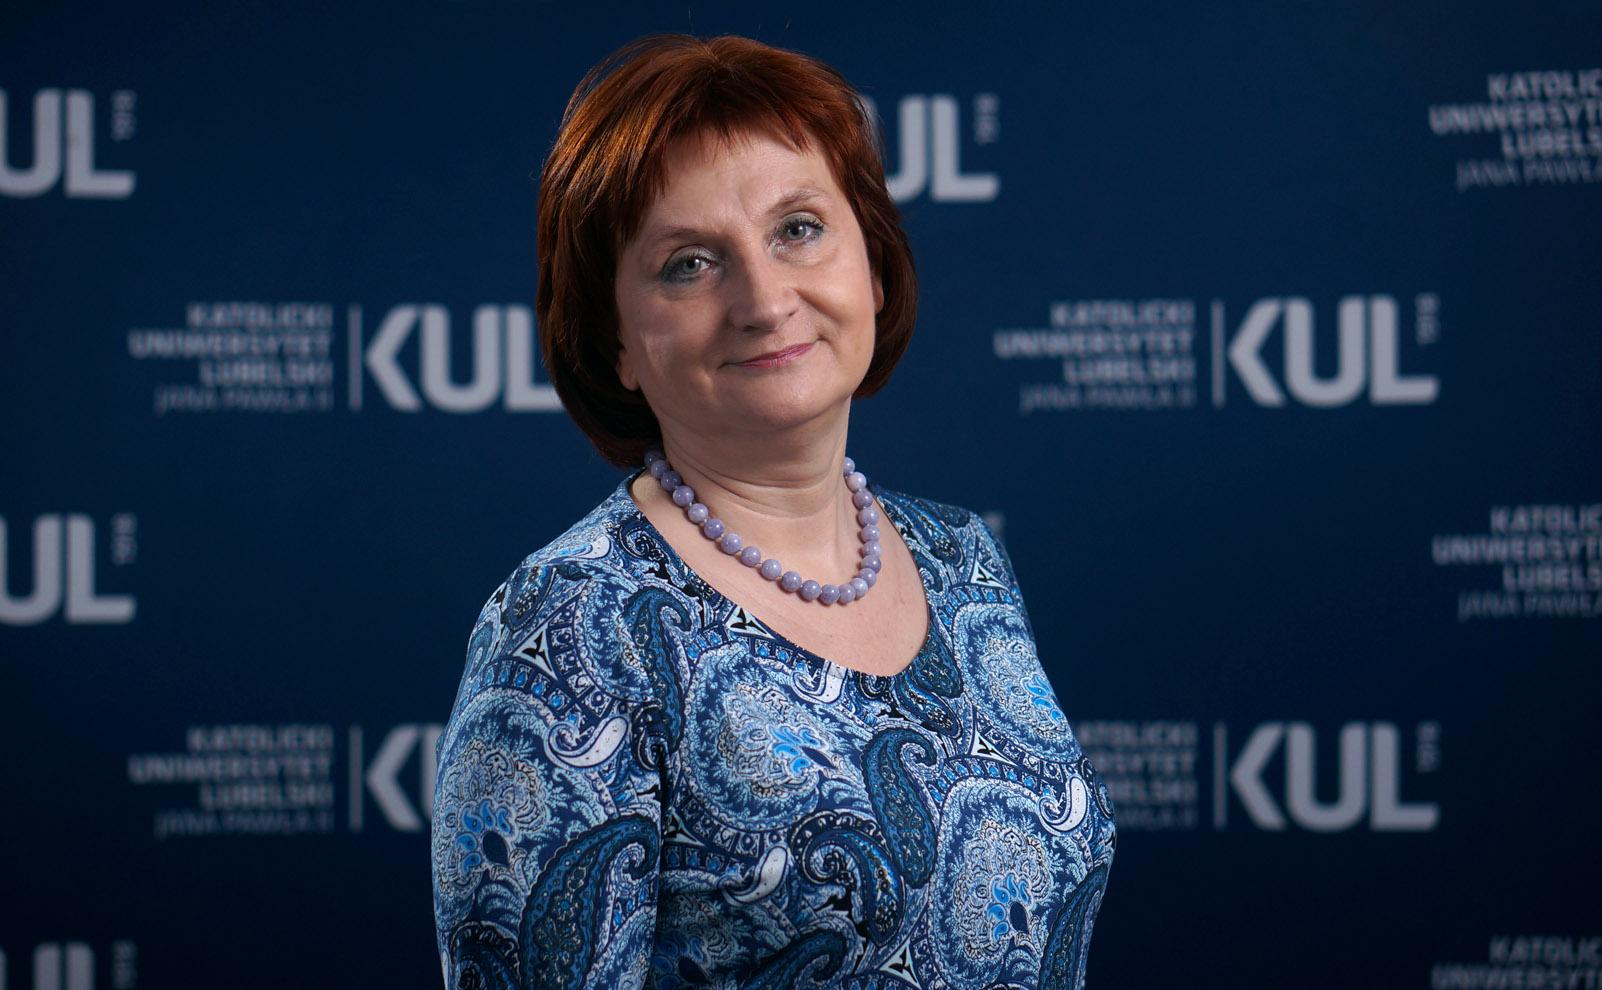 CM KUL - Małgorzata Żurakowska